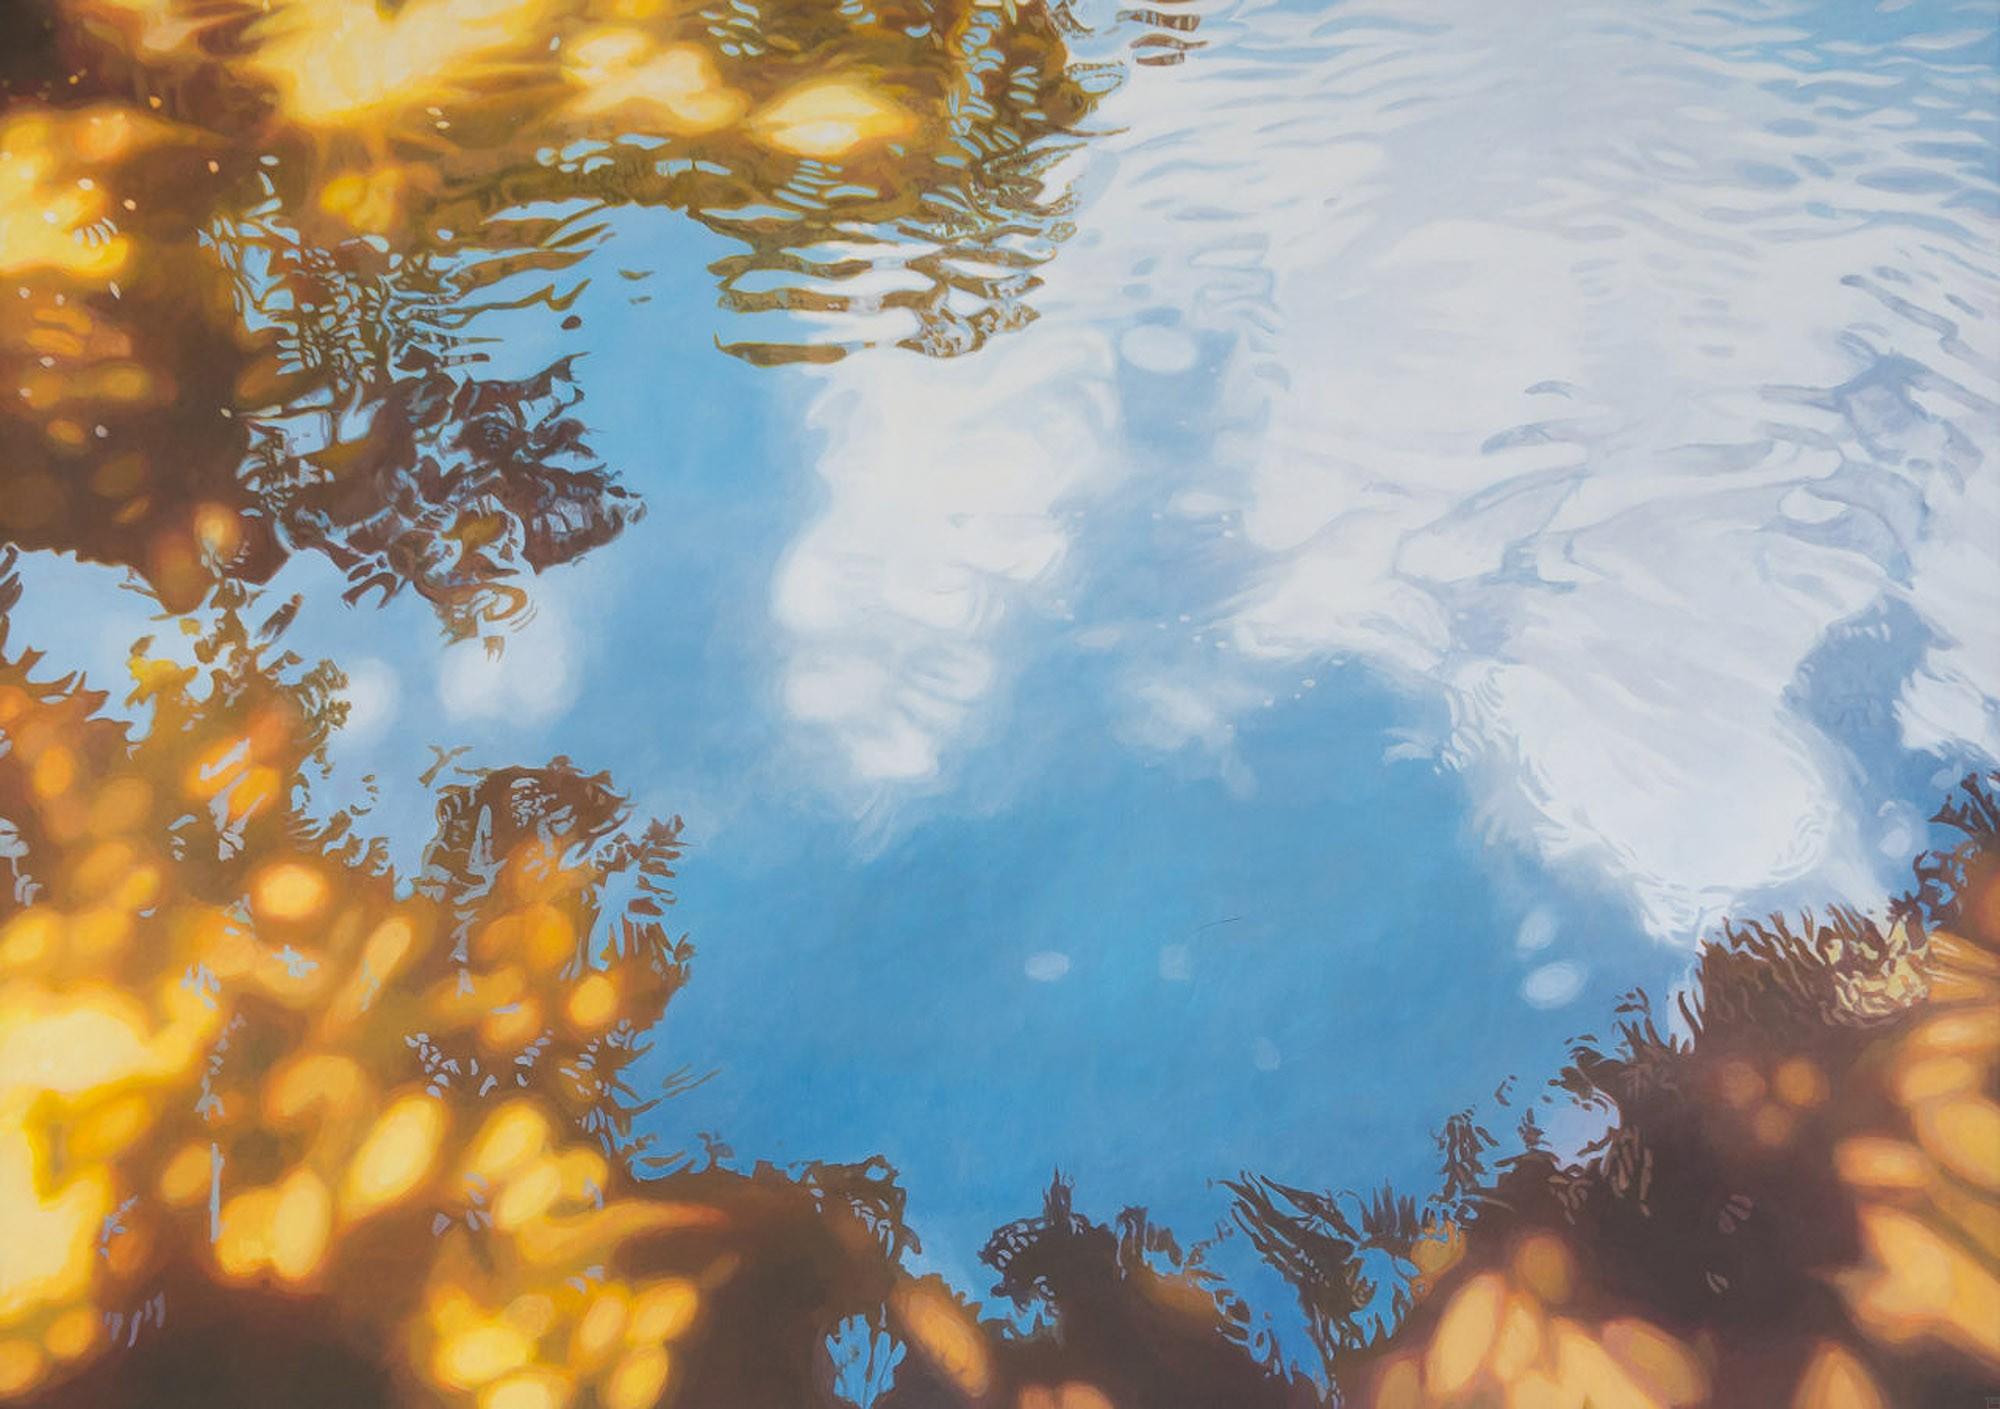 Sonne im Wasser | Malerei von Sven Wiebers | Acryl auf Leinwand, realistisch